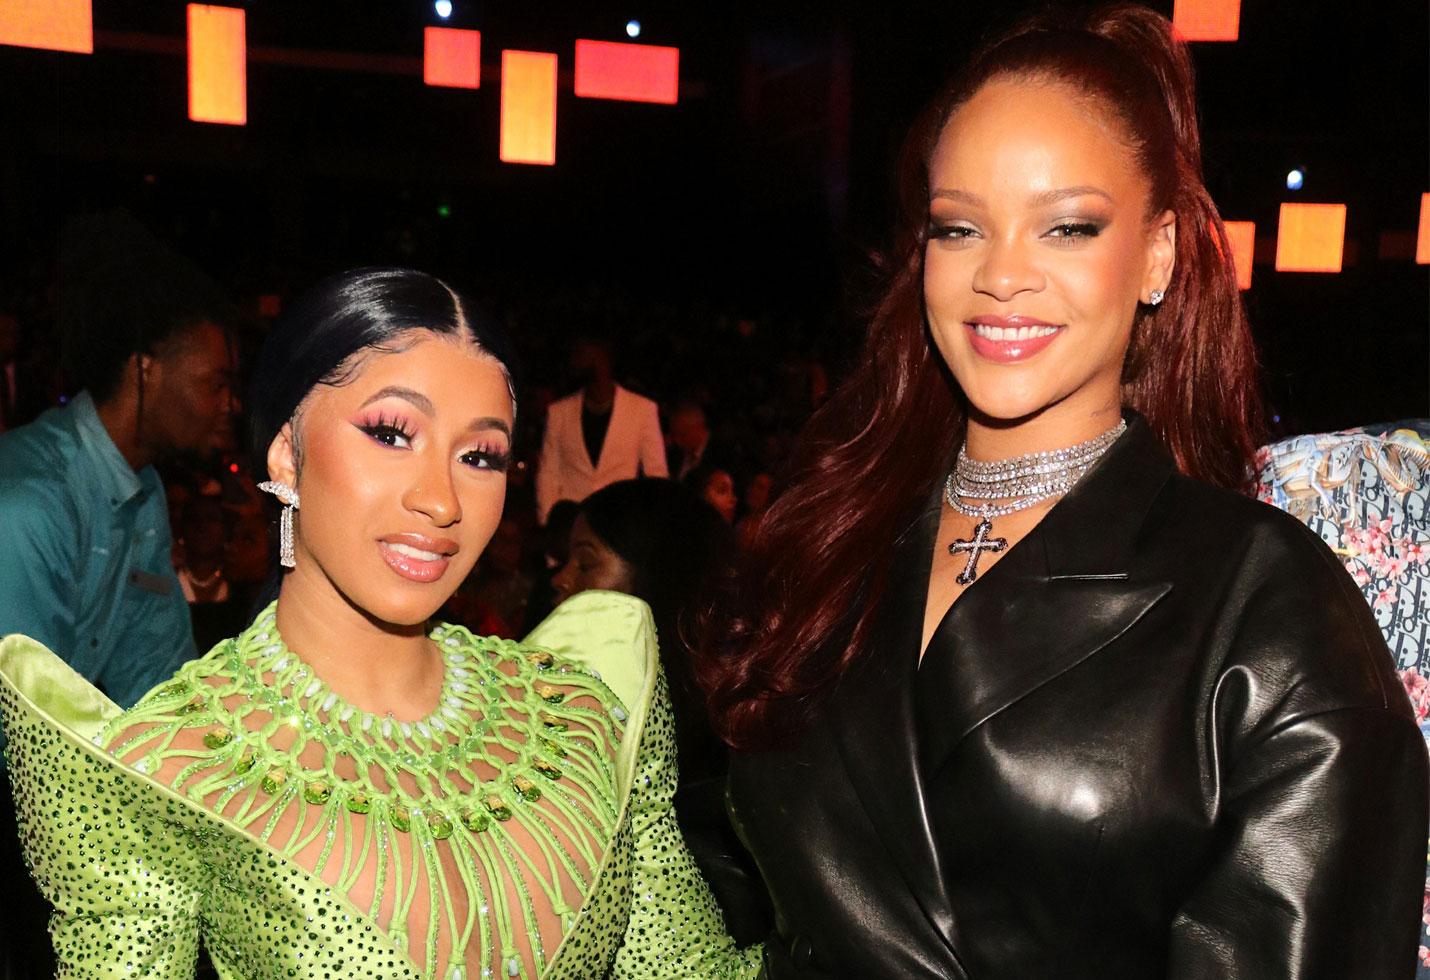 Bet awards 2019 red carpet Cardi B Rihanna